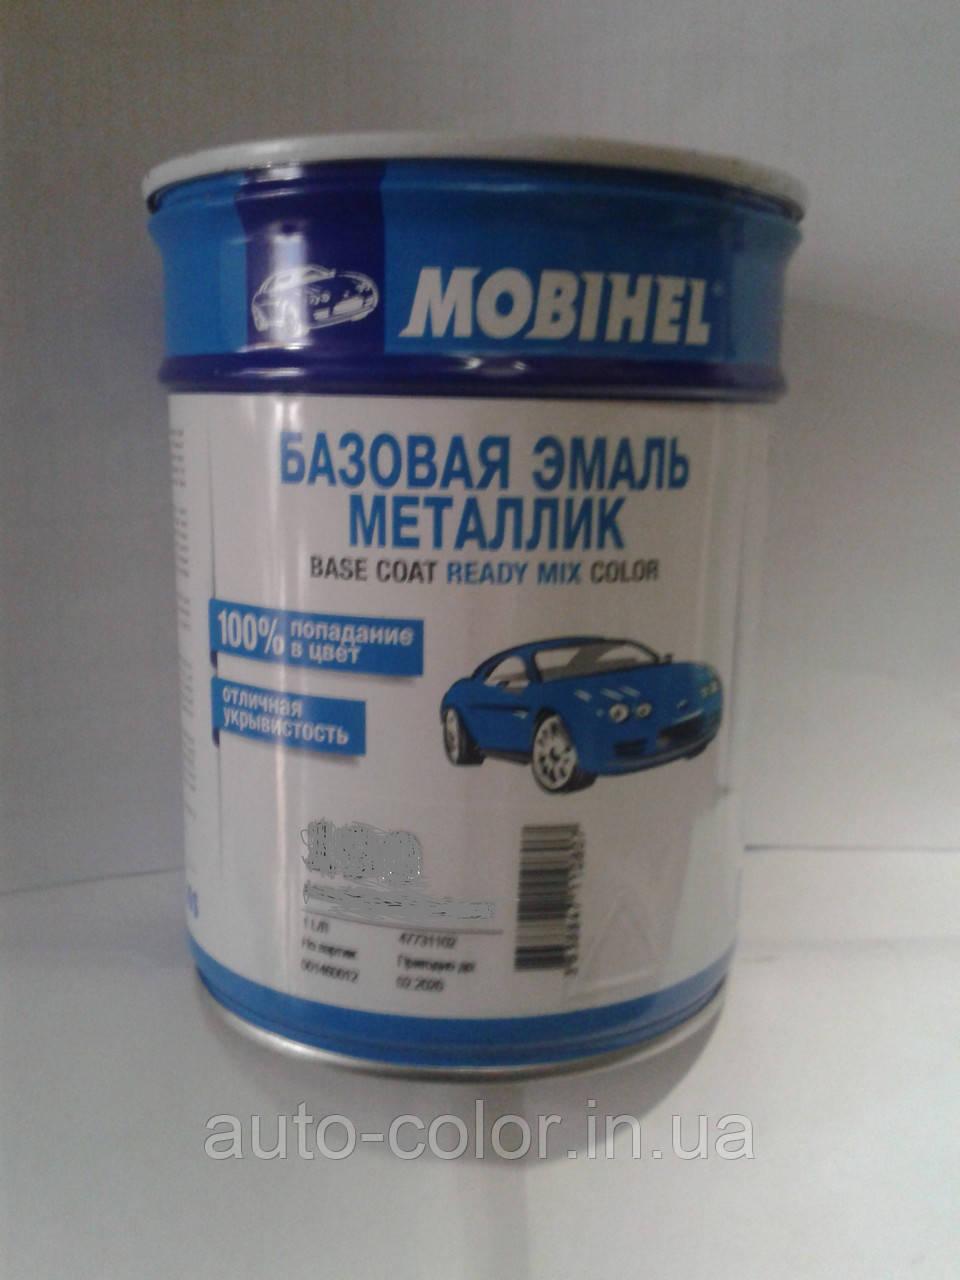 Автоэмаль базовая металлик Mobihel  460 Аквамарин 1л